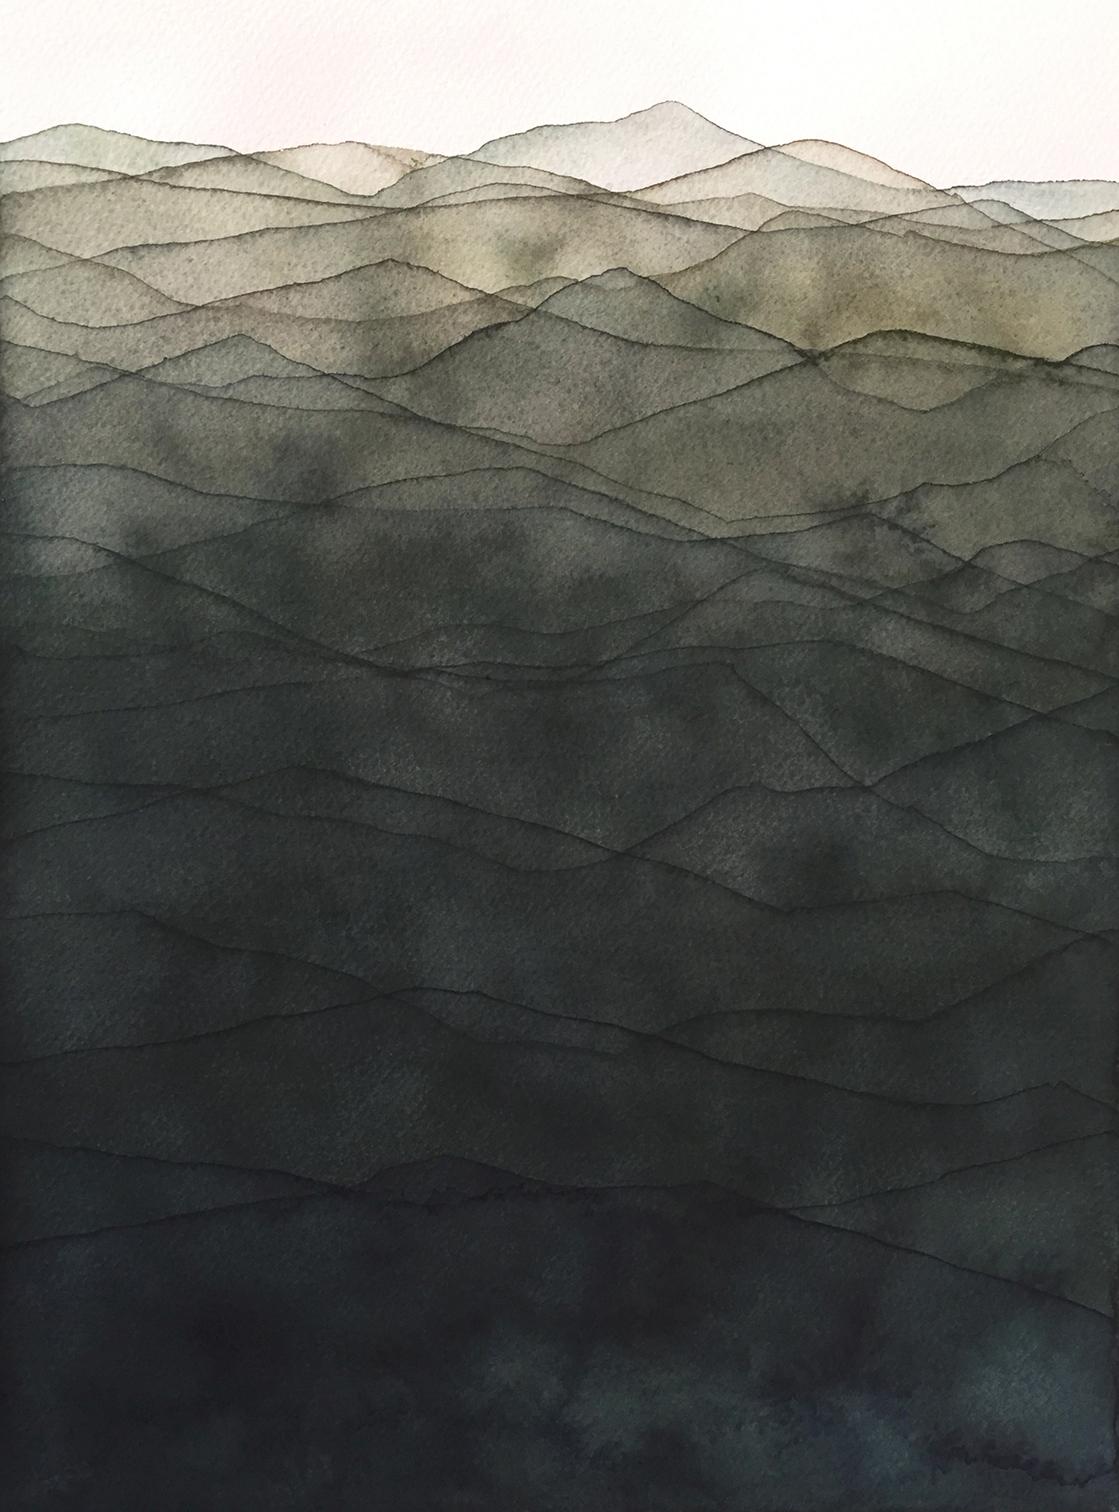 Horizon #6